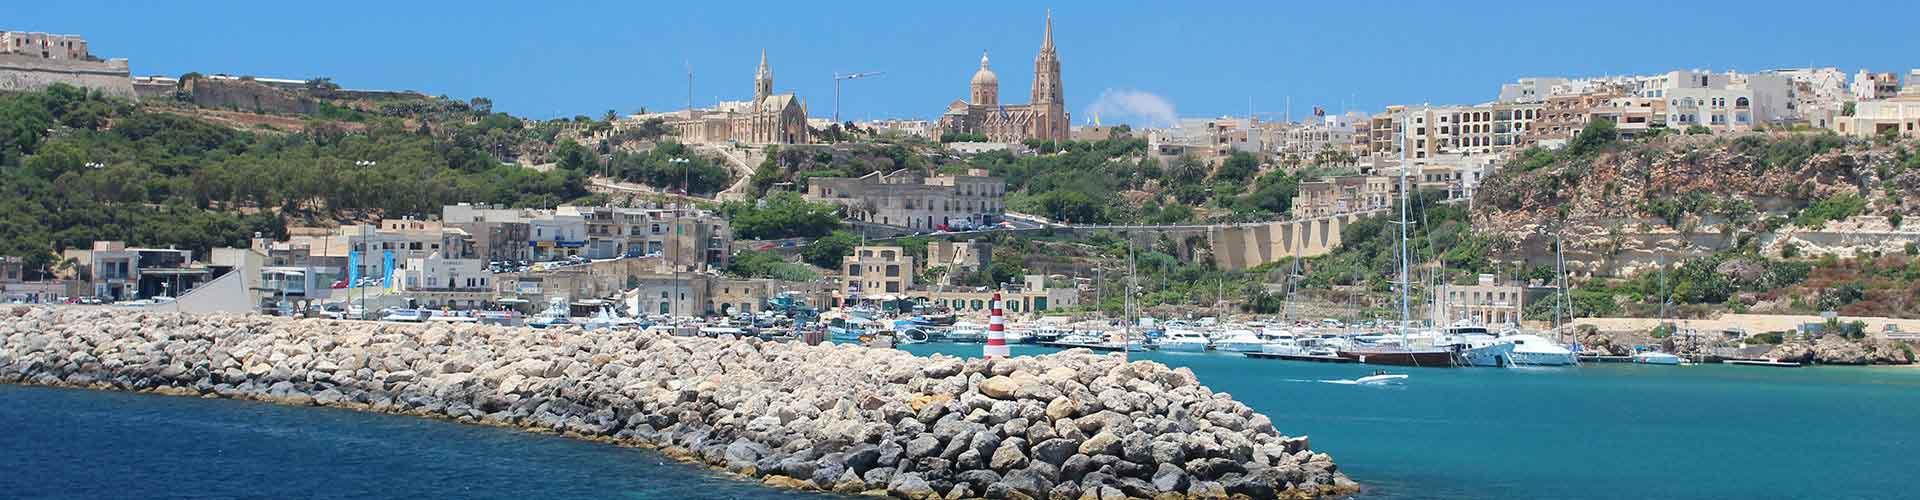 Gozo - Camping à Gozo. Cartes pour Gozo, photos et commentaires pour chaque Camping à Gozo.